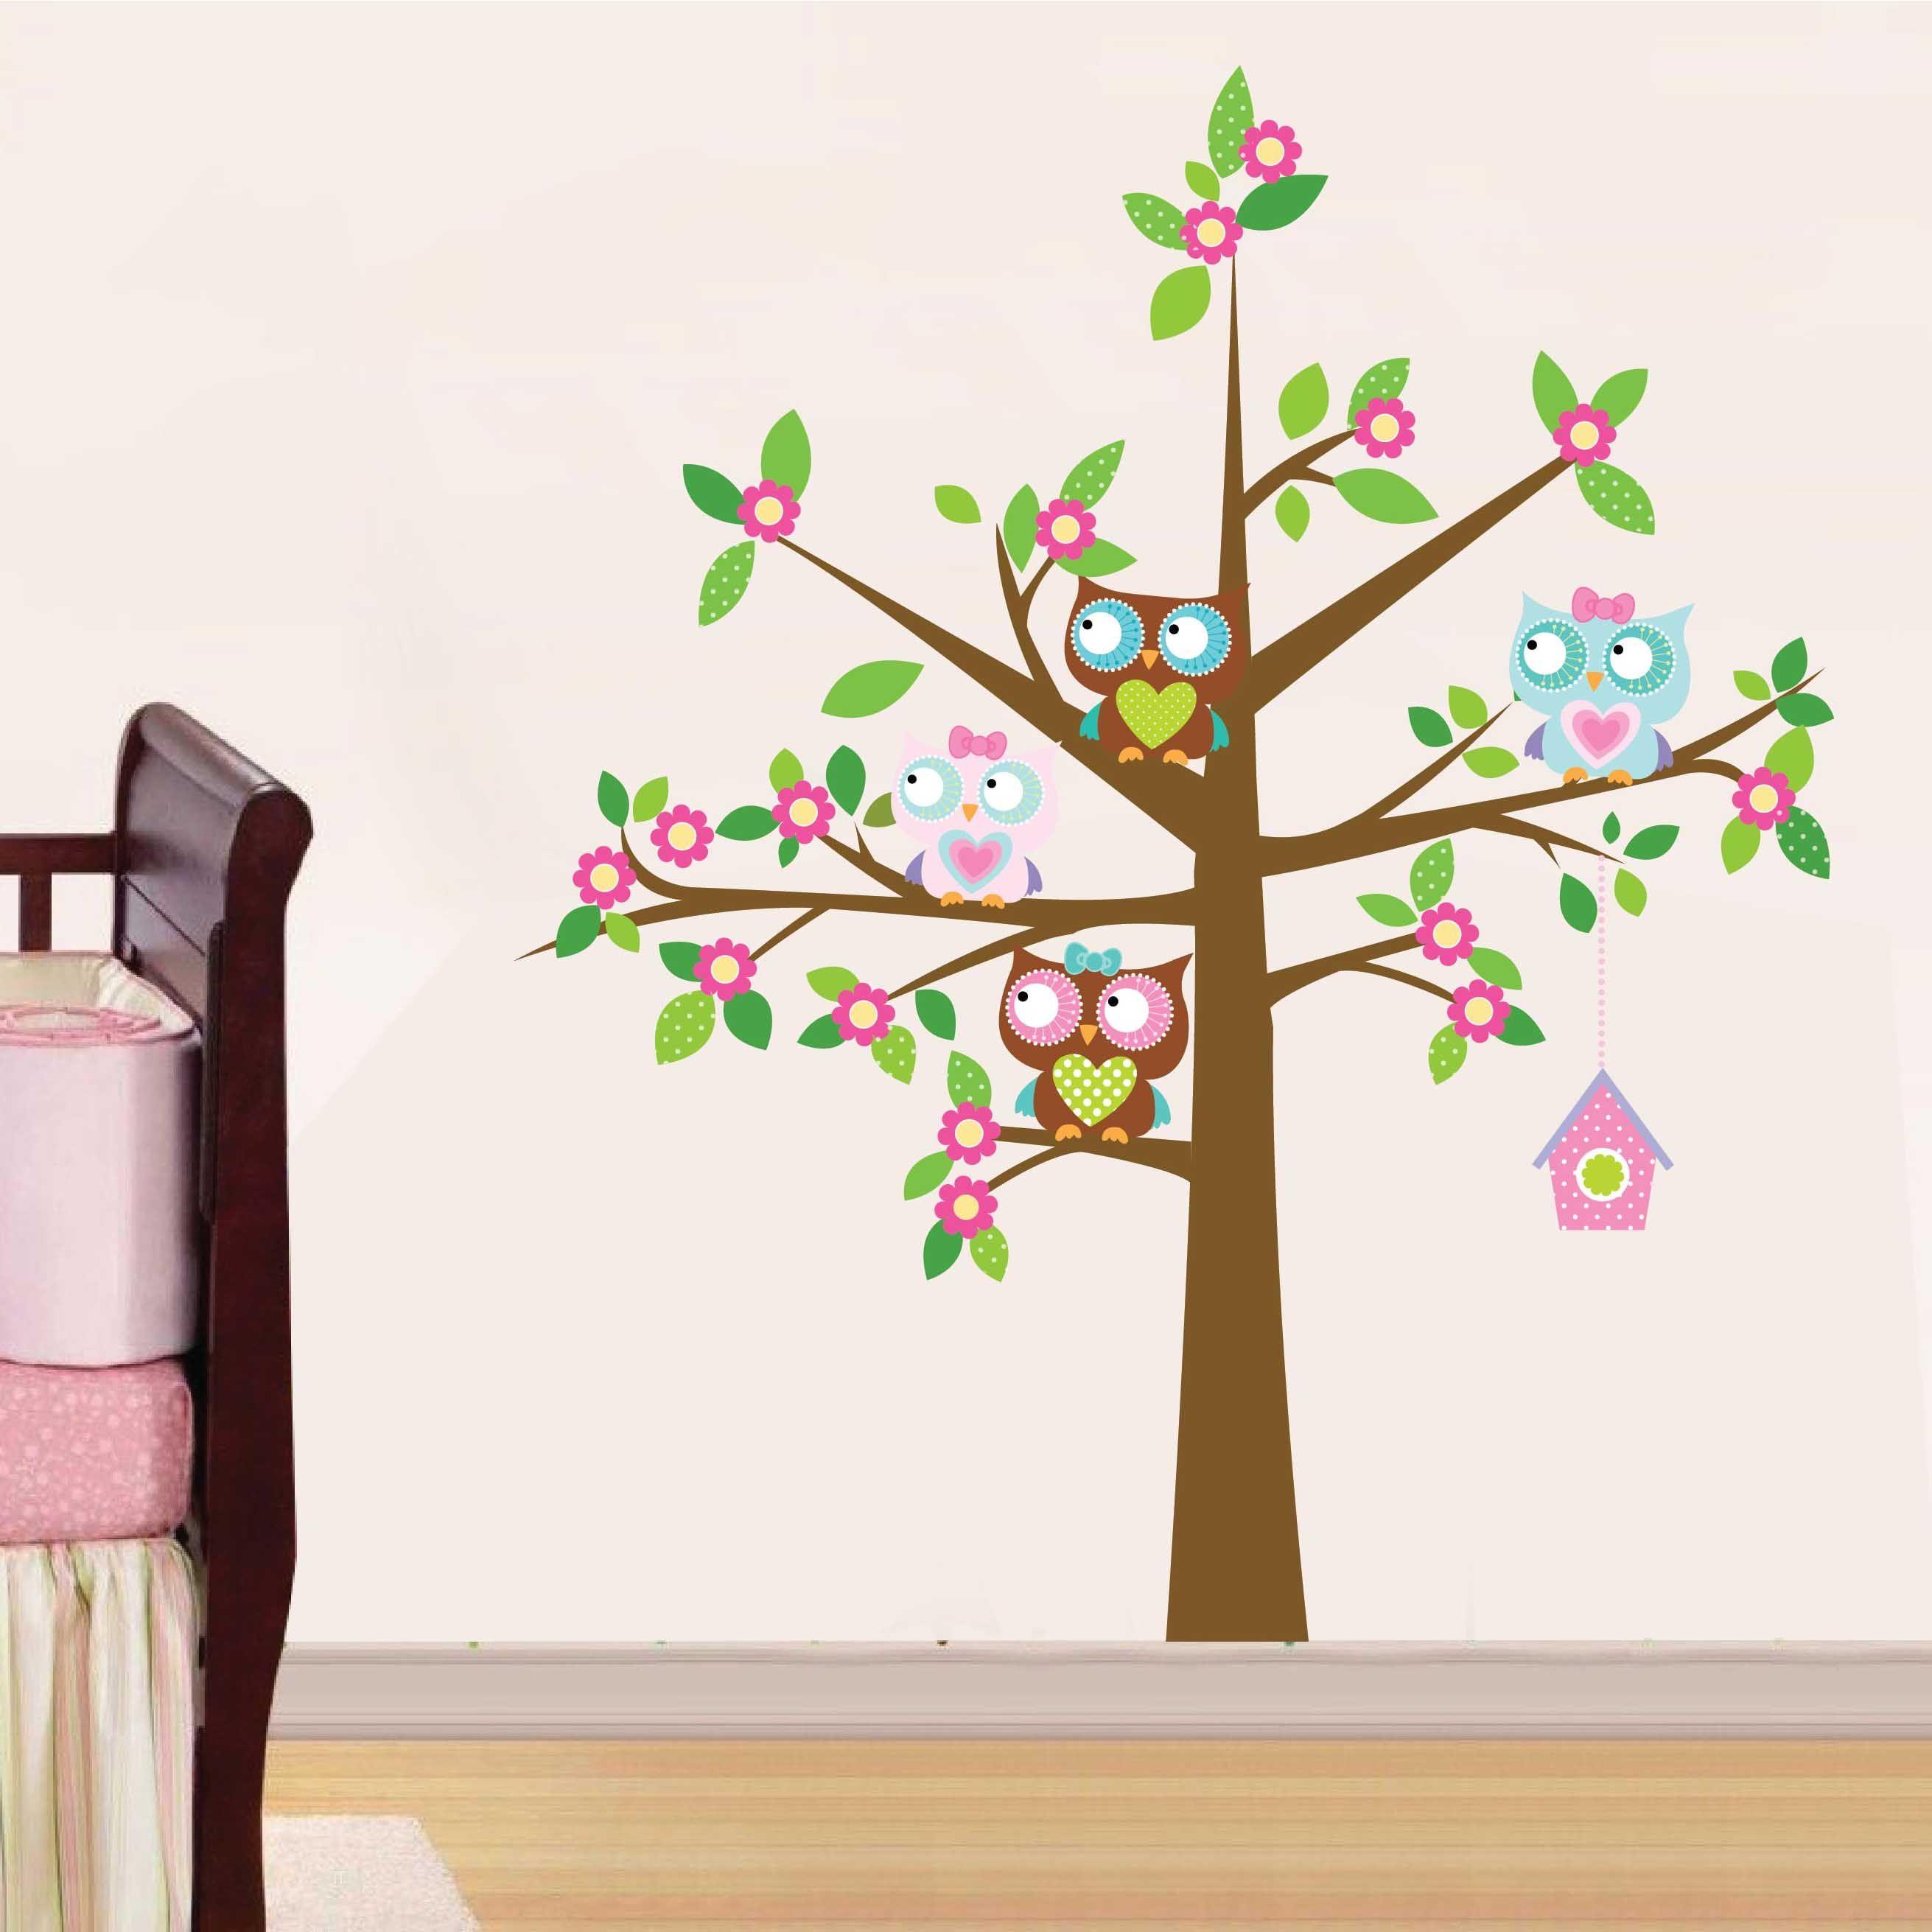 Kit de vinilo decorativo arbol con lechuzas bebes pinterest vinilo autoadhesivo lechuzas - Vinilos de arboles ...